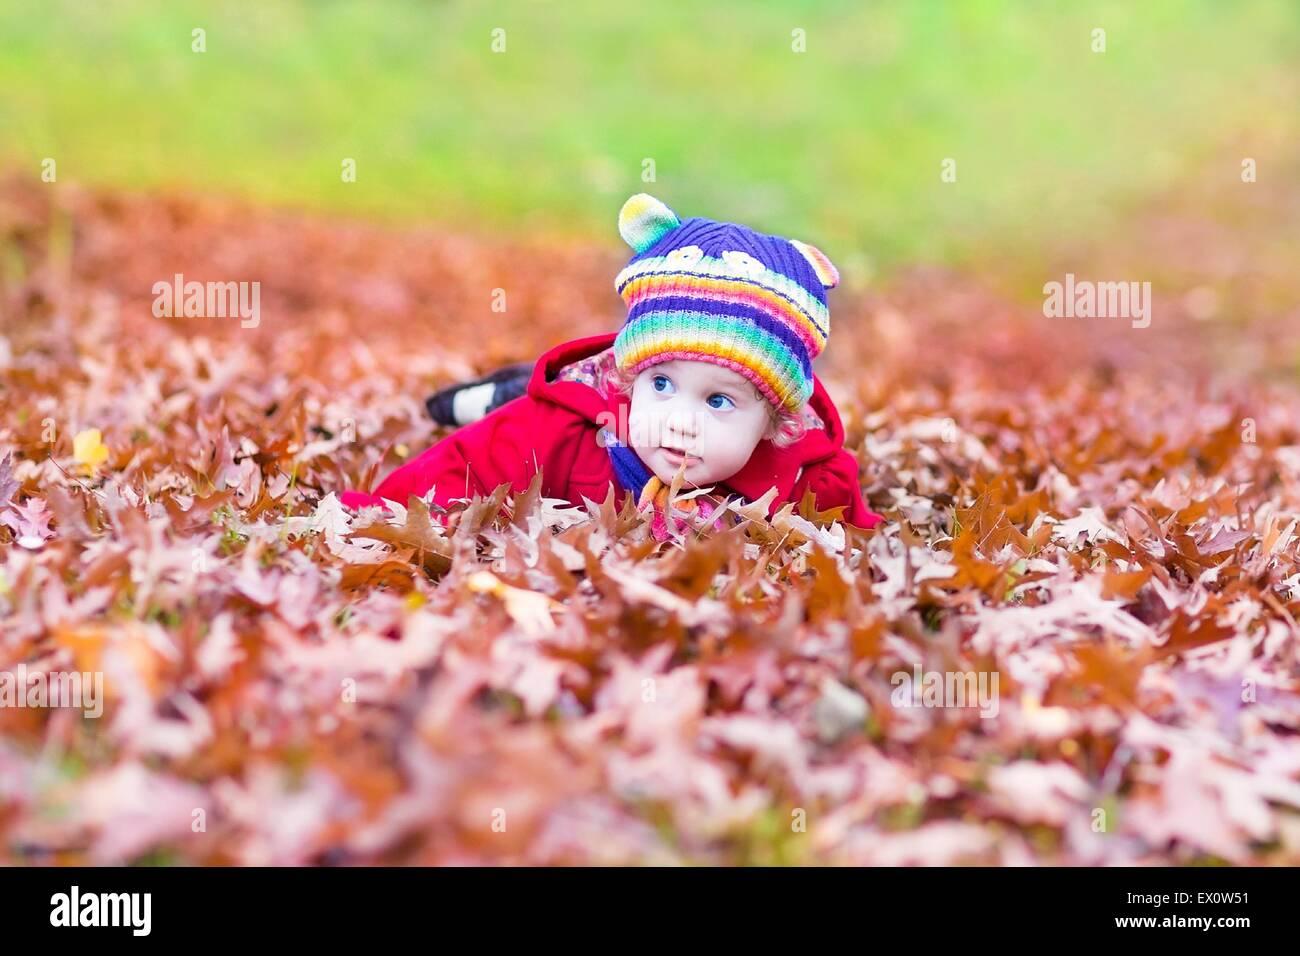 Gracioso bebé niña jugando con coloridas hojas rojizas Imagen De Stock